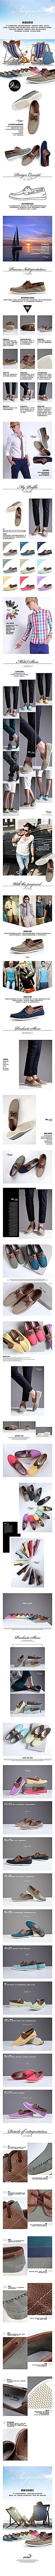 爱琴海时尚舒适帆布鞋细节详情页PSD素材